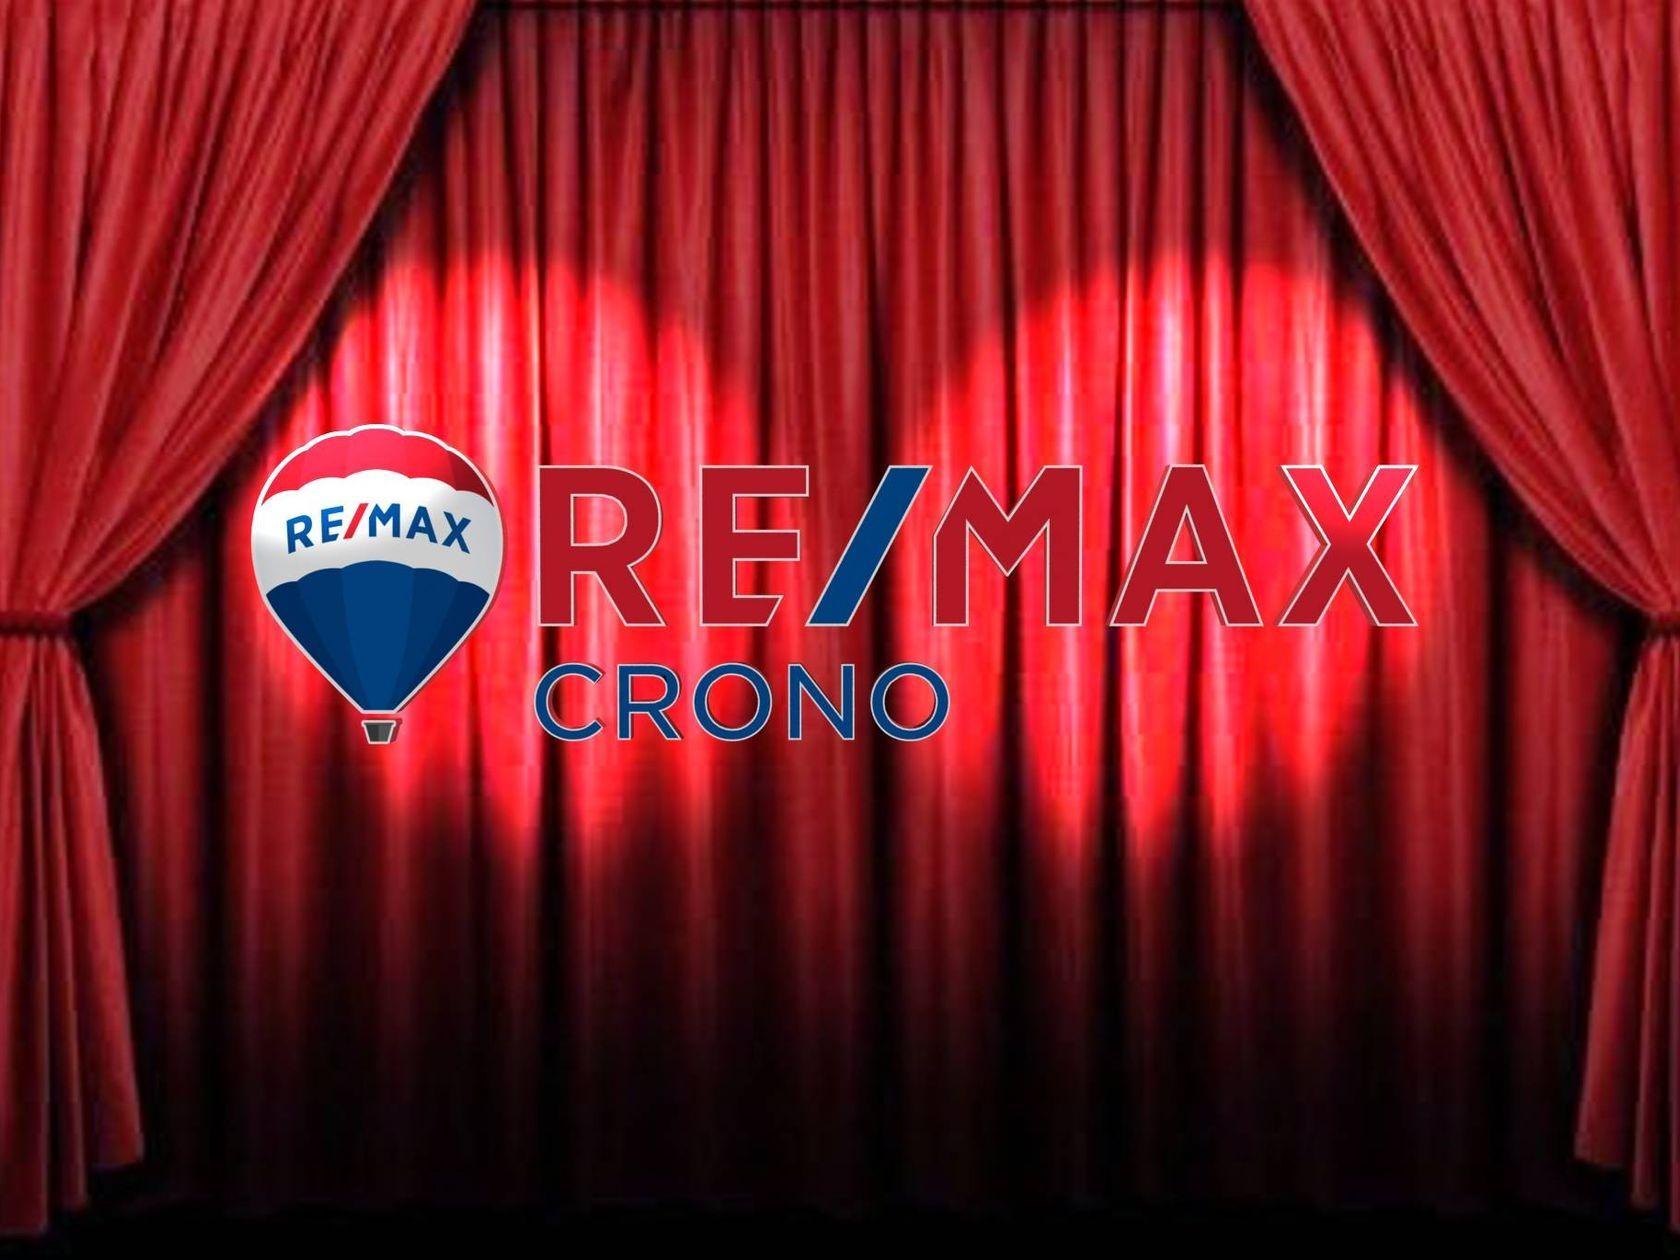 Agenzia Immobiliare Vigodarzere re/max crono: agenzia immobiliare vigodarzere